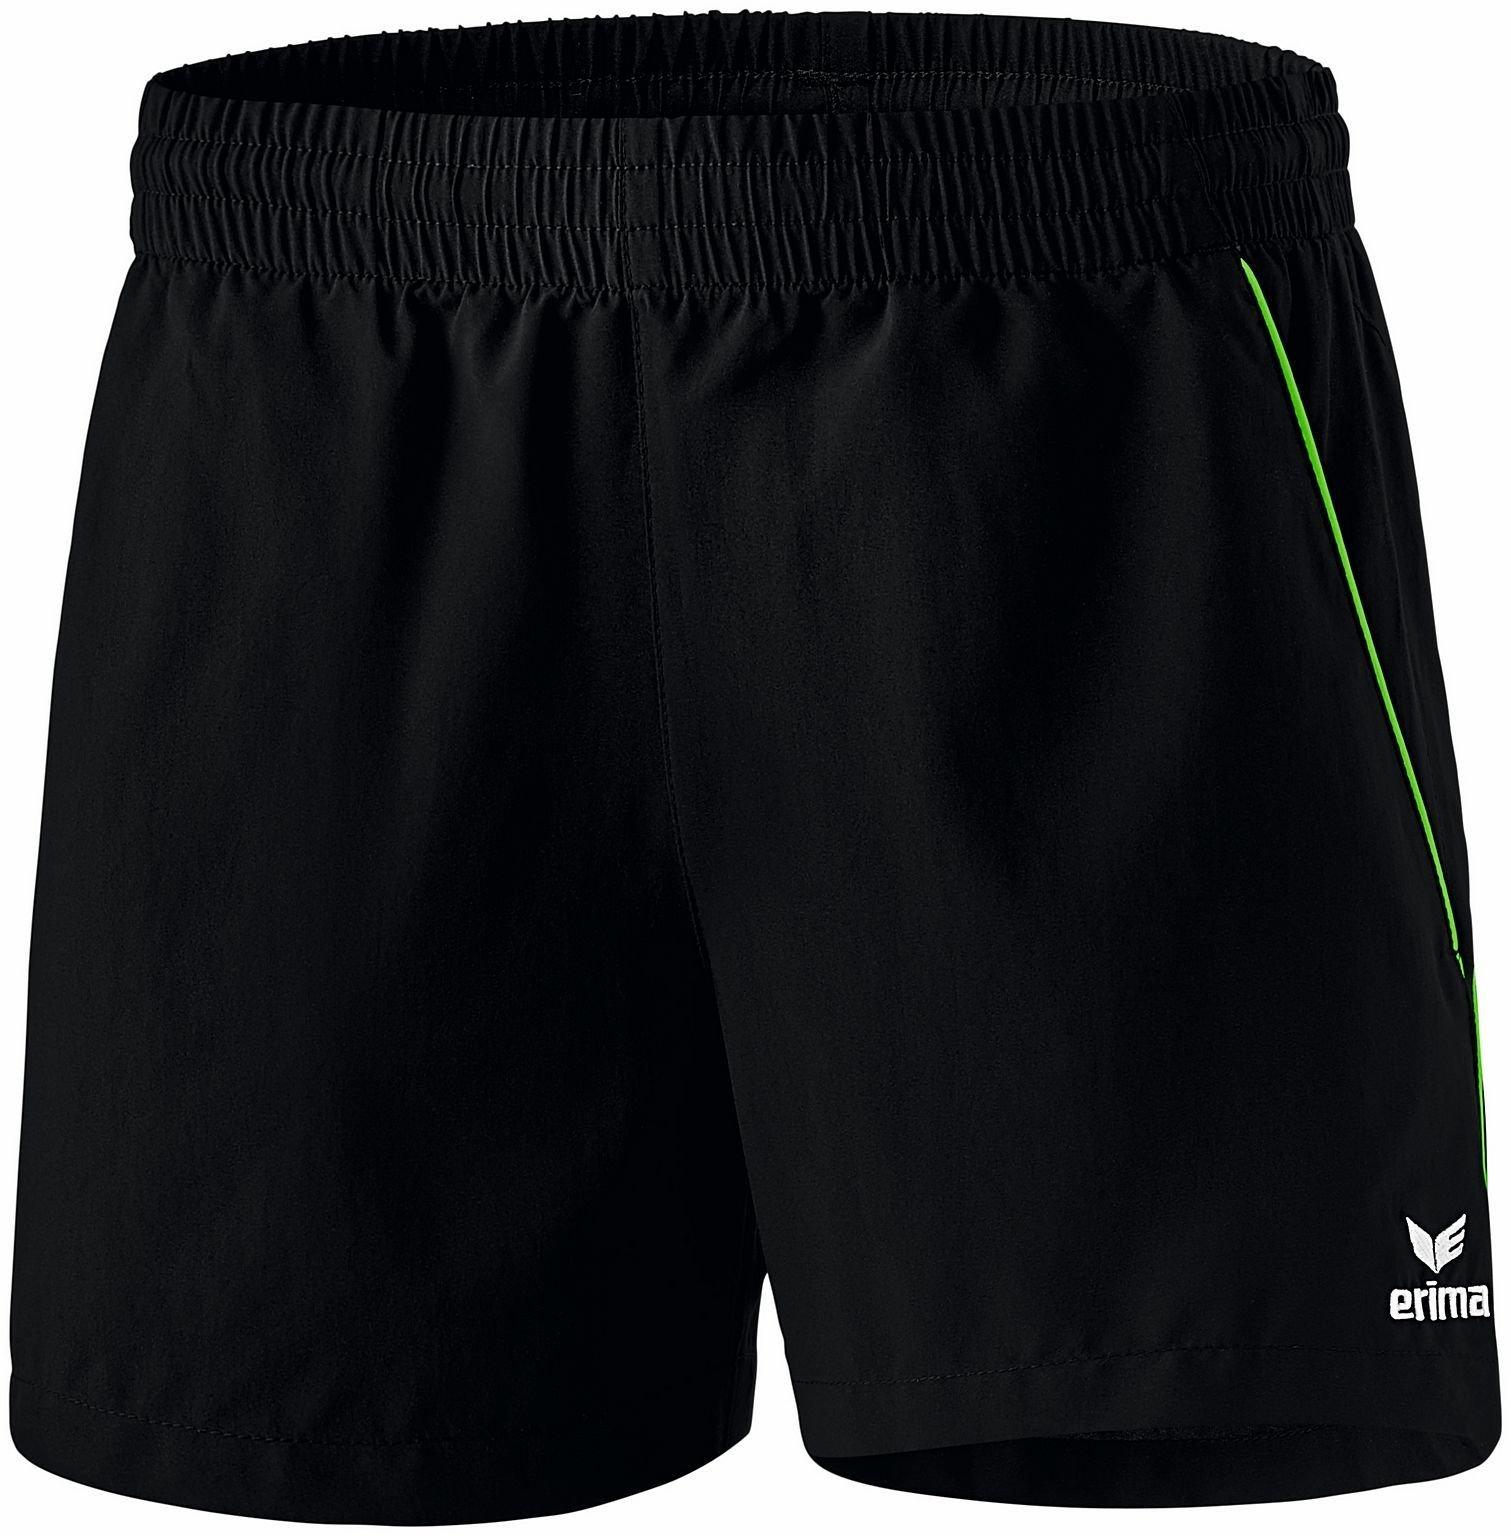 Tischtennis Short Damen